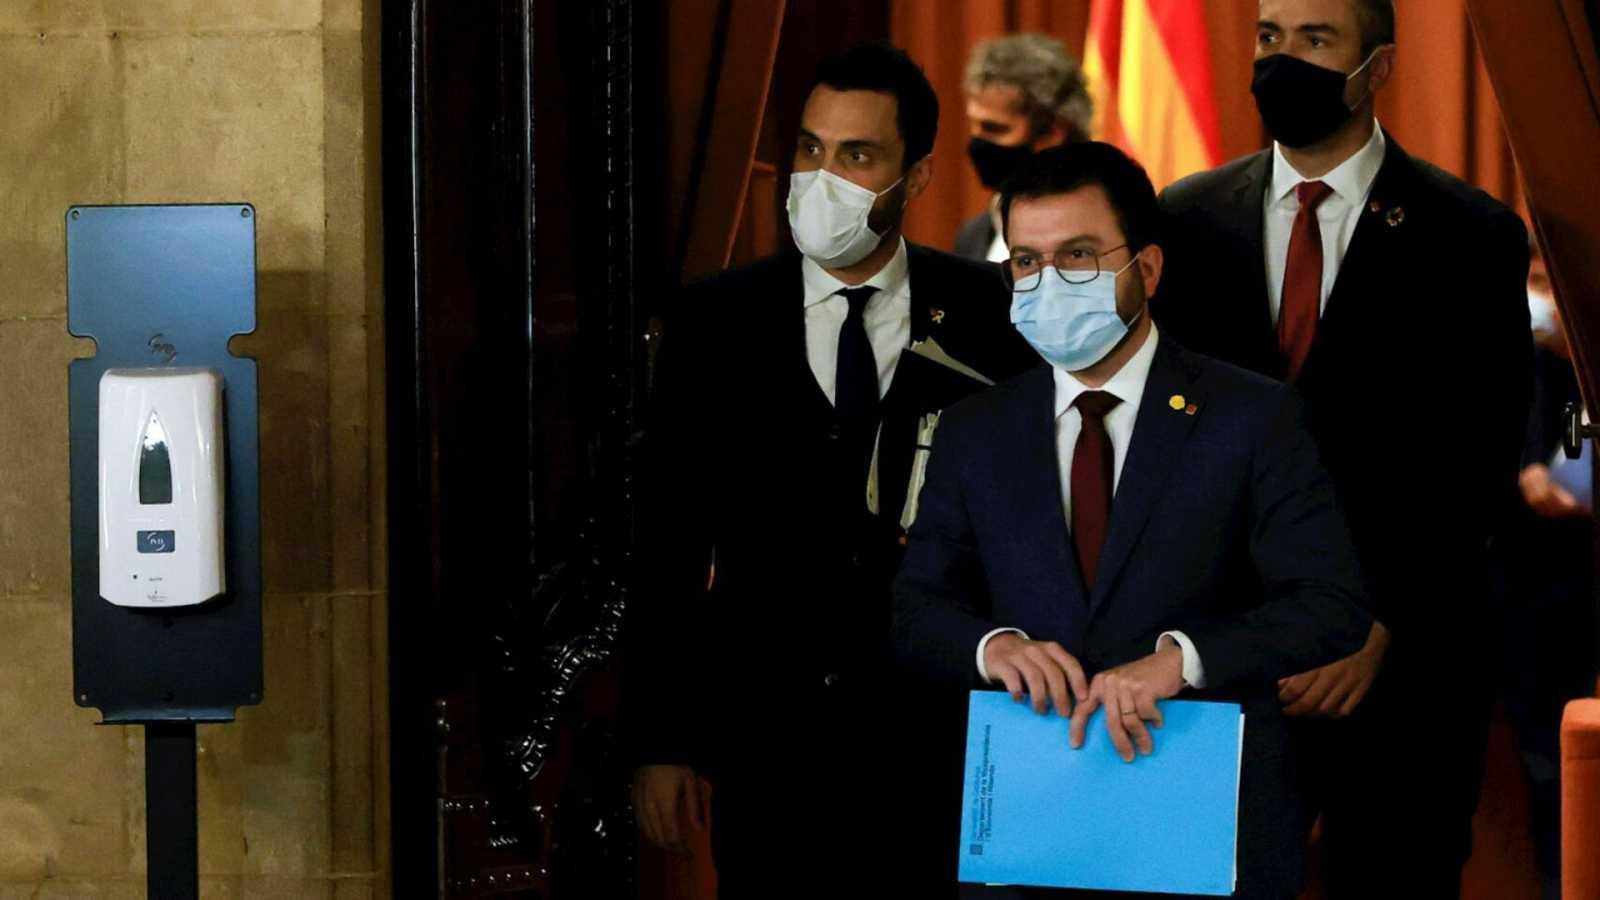 Boletines RNE - La Lliga Democrática presenta el primer recurso por el aplazamiento de las elecciones catalanas - Escuchar ahora